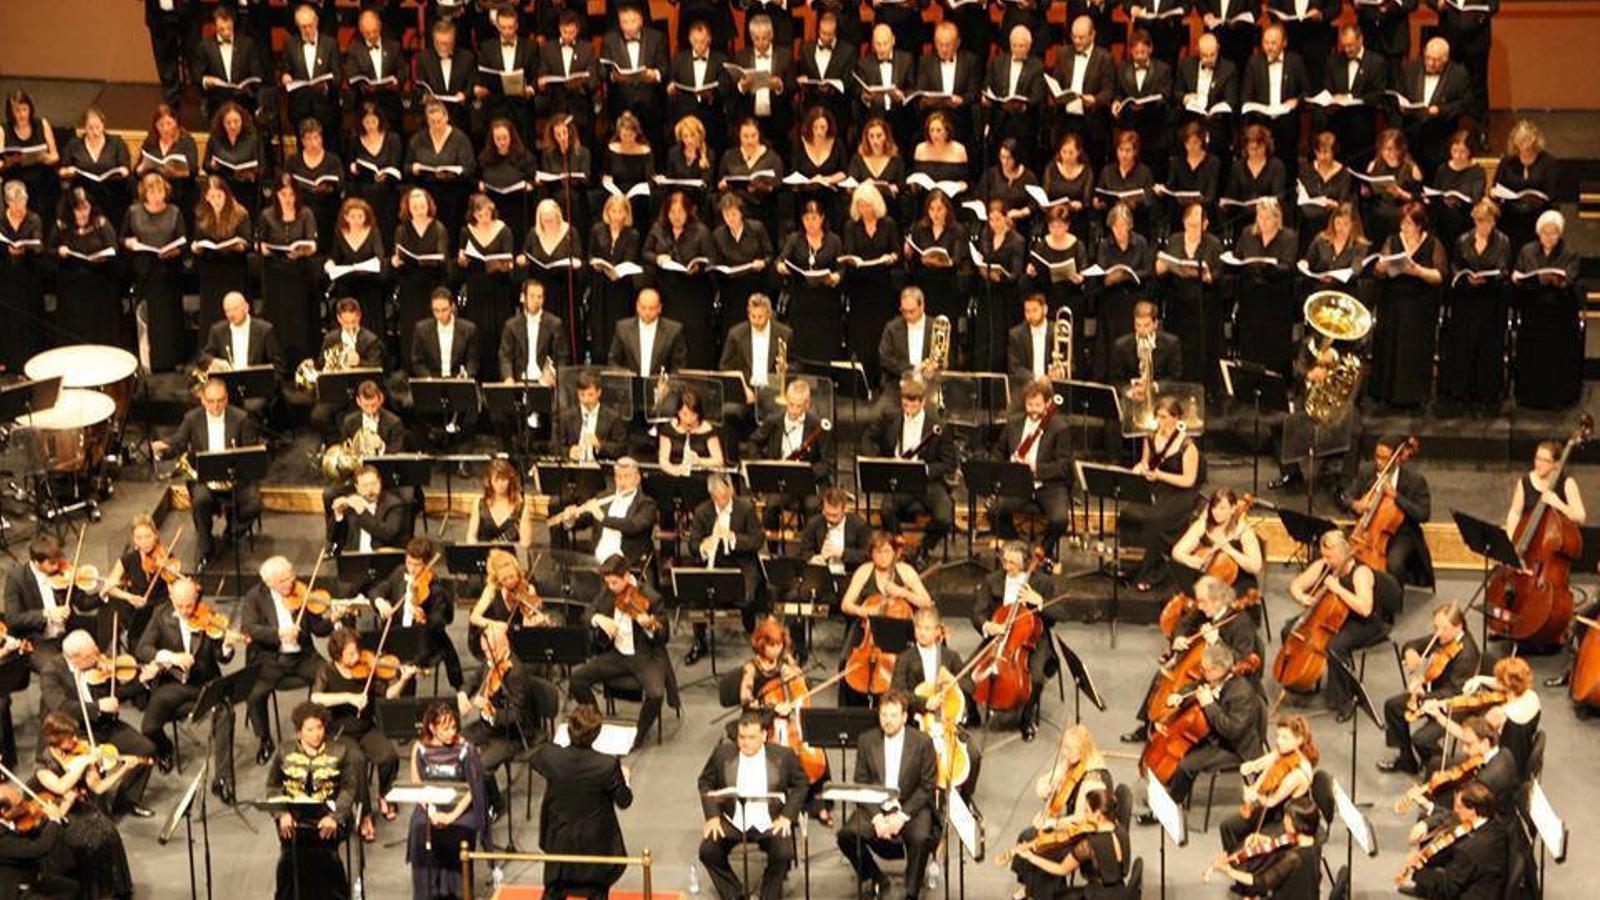 El novè concert de la temporada de la Simfònica es va convertir en un salt mortal i tirabuixó.